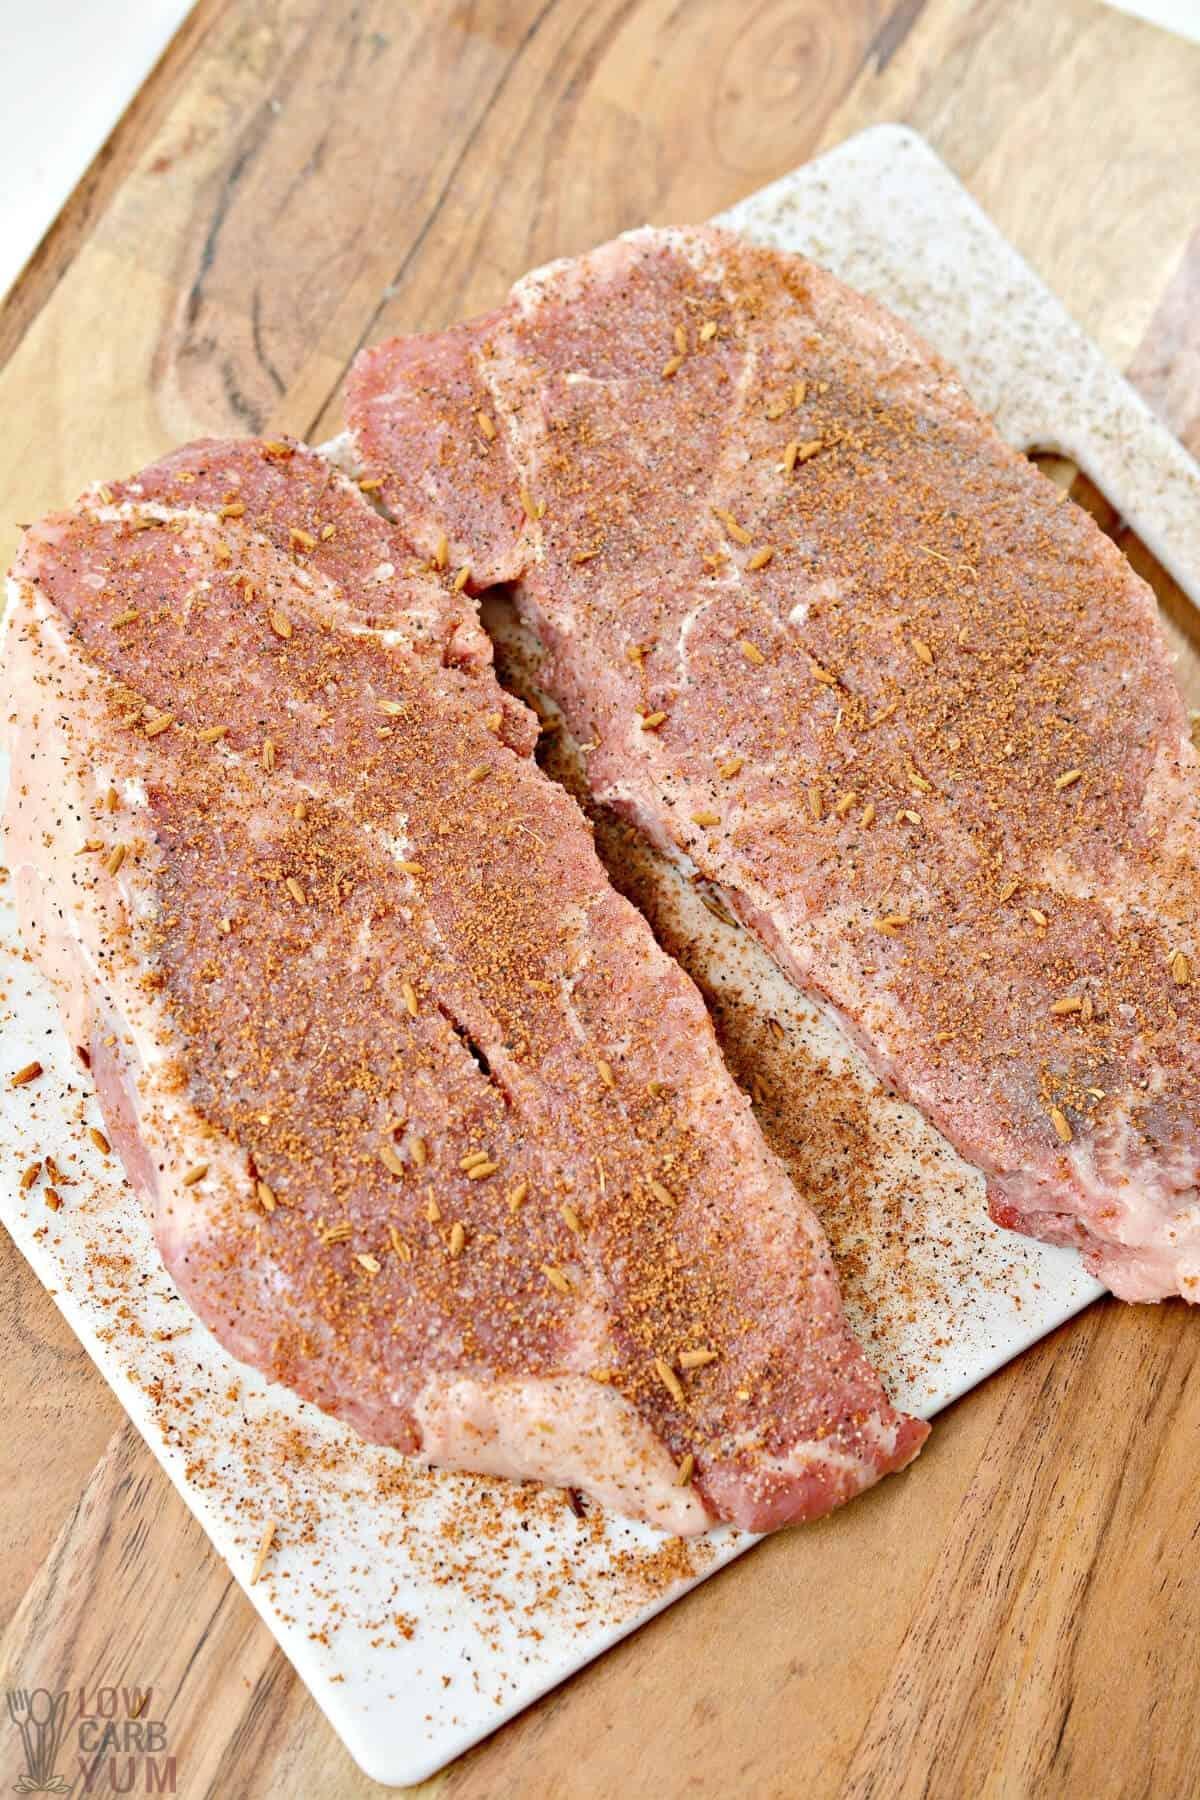 seasoned steaks on board